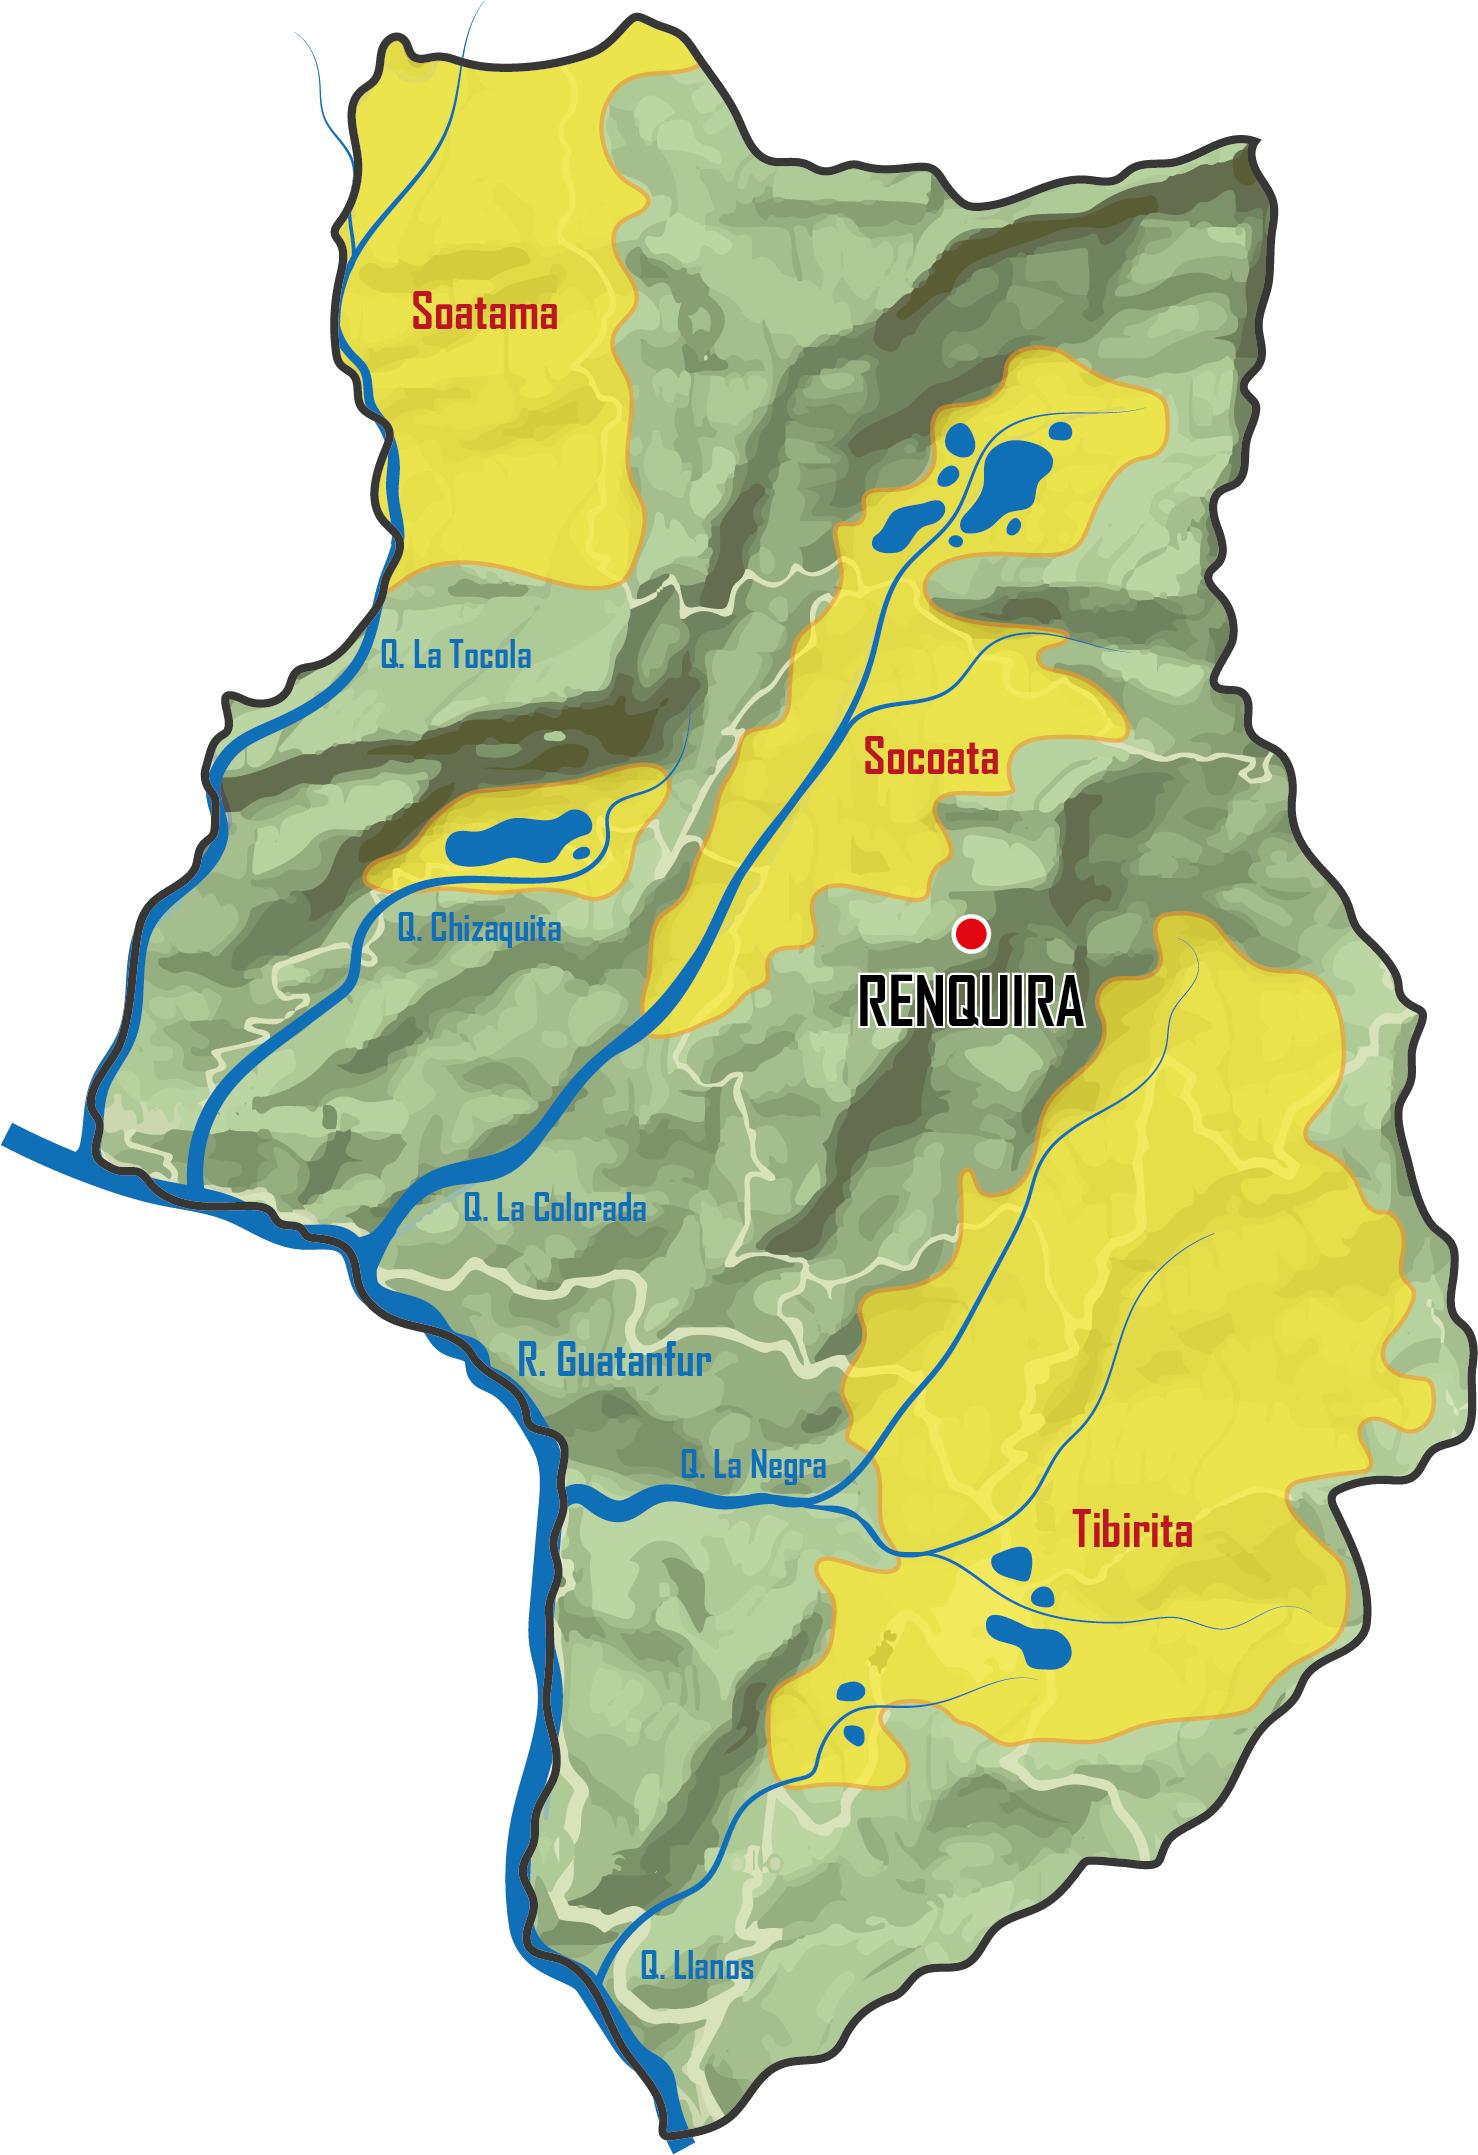 Mapa Tibirita Muisca